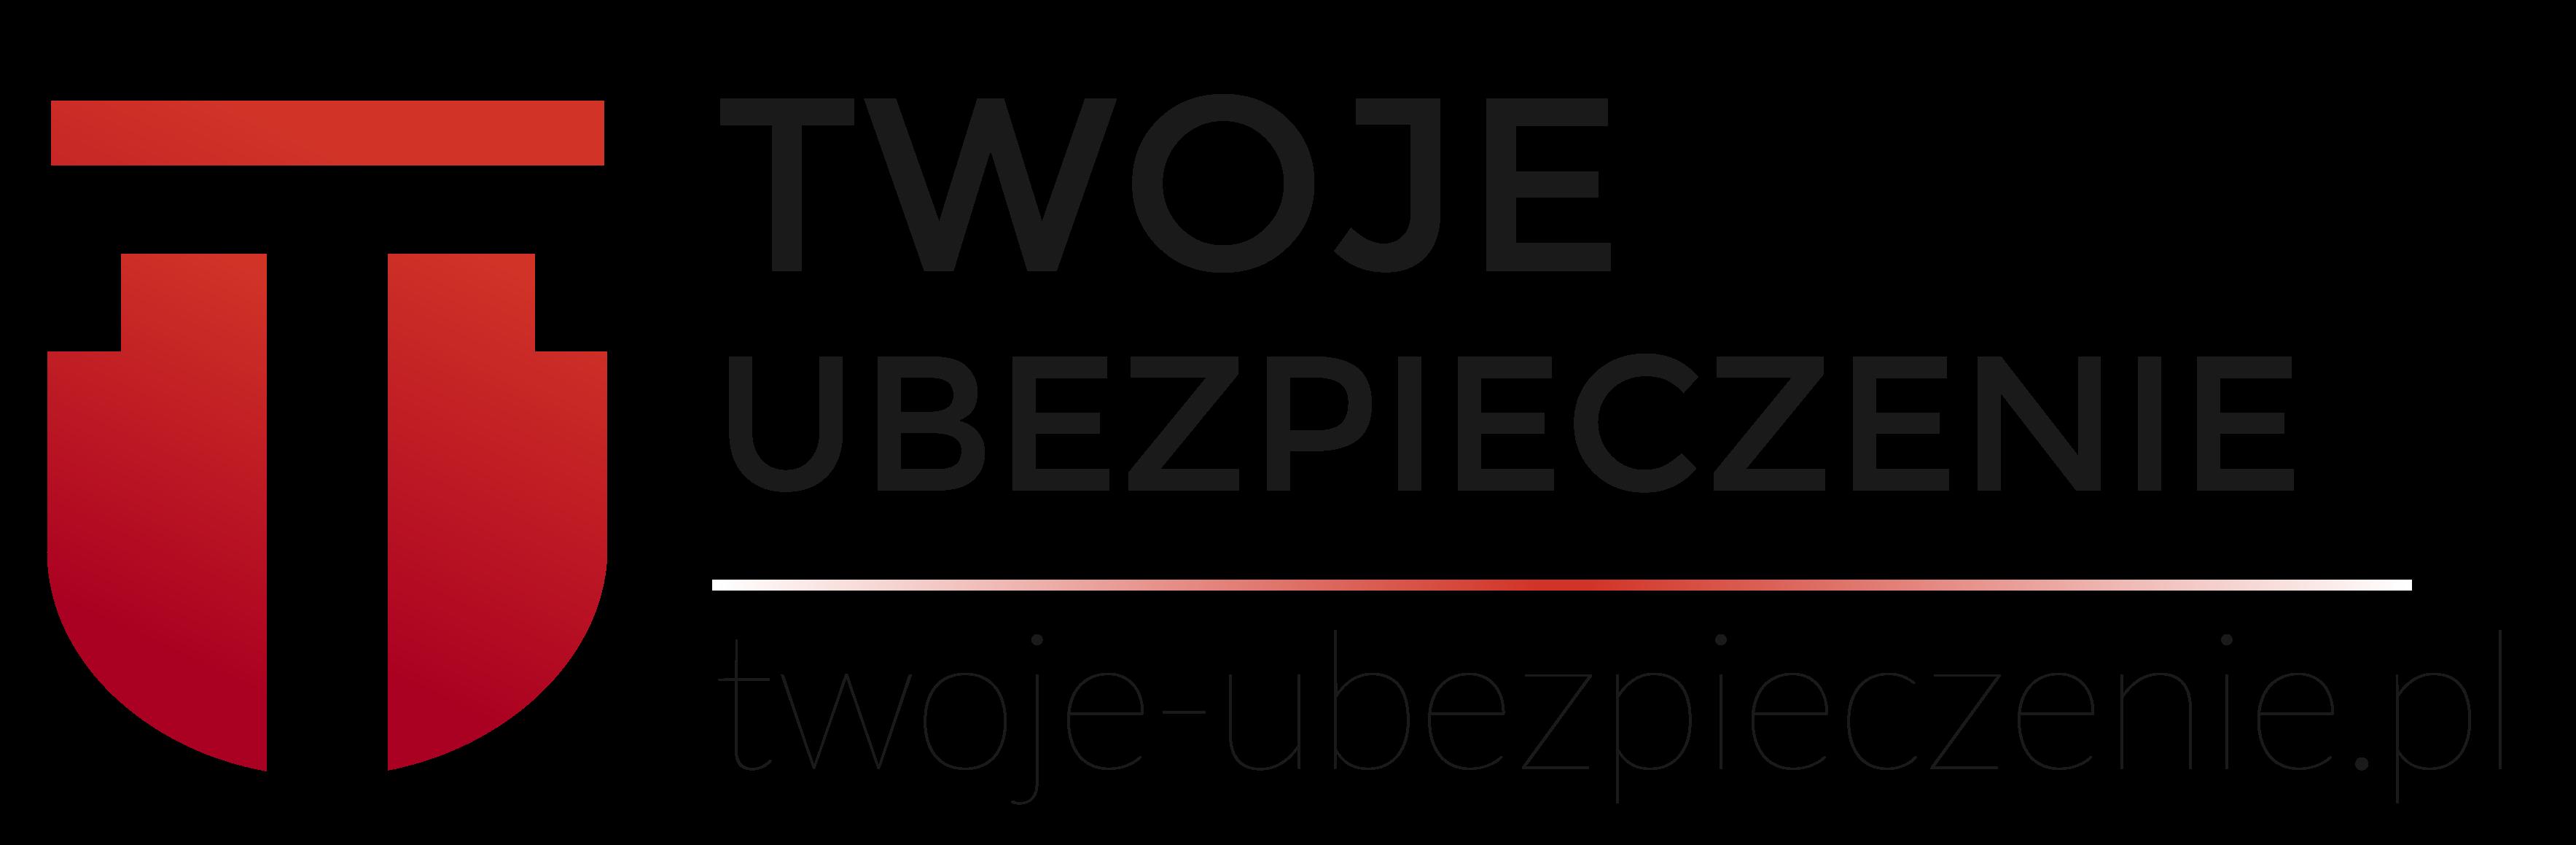 TWOJE-UBEZPIECZENIE.PL